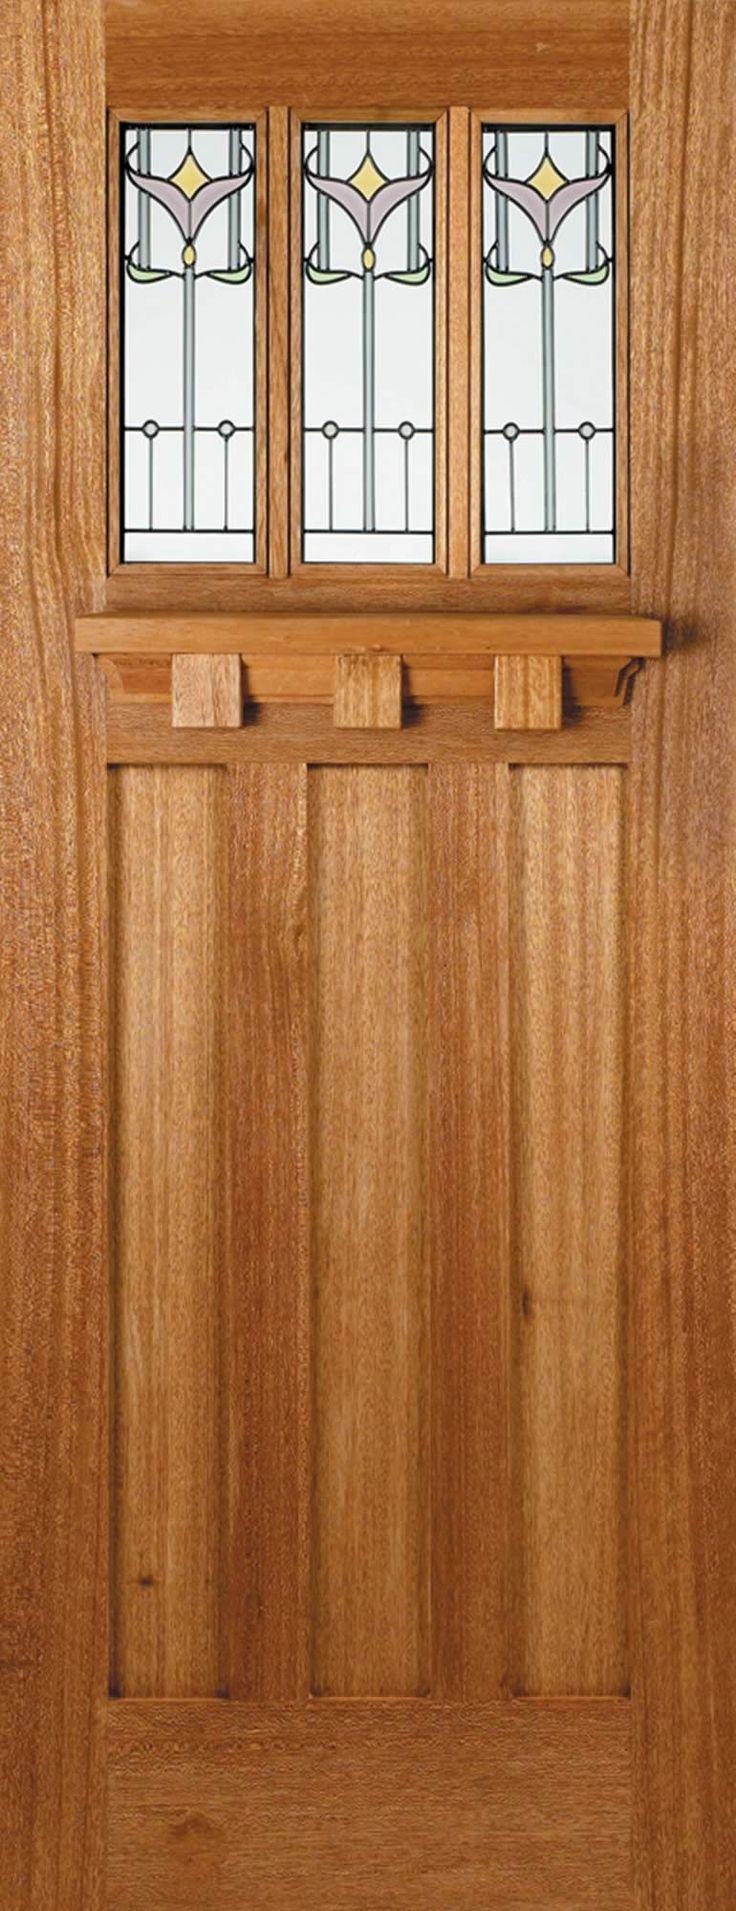 Tuscany Tulip Double Glazed Hardwood External Doors